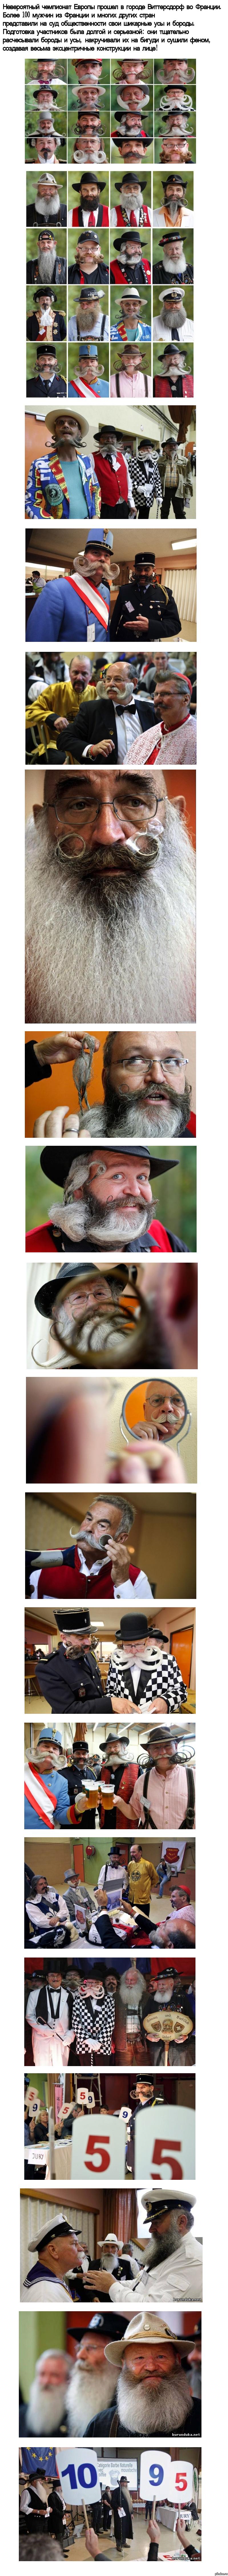 Чемпионат бород и усов 2012. Длиннопост